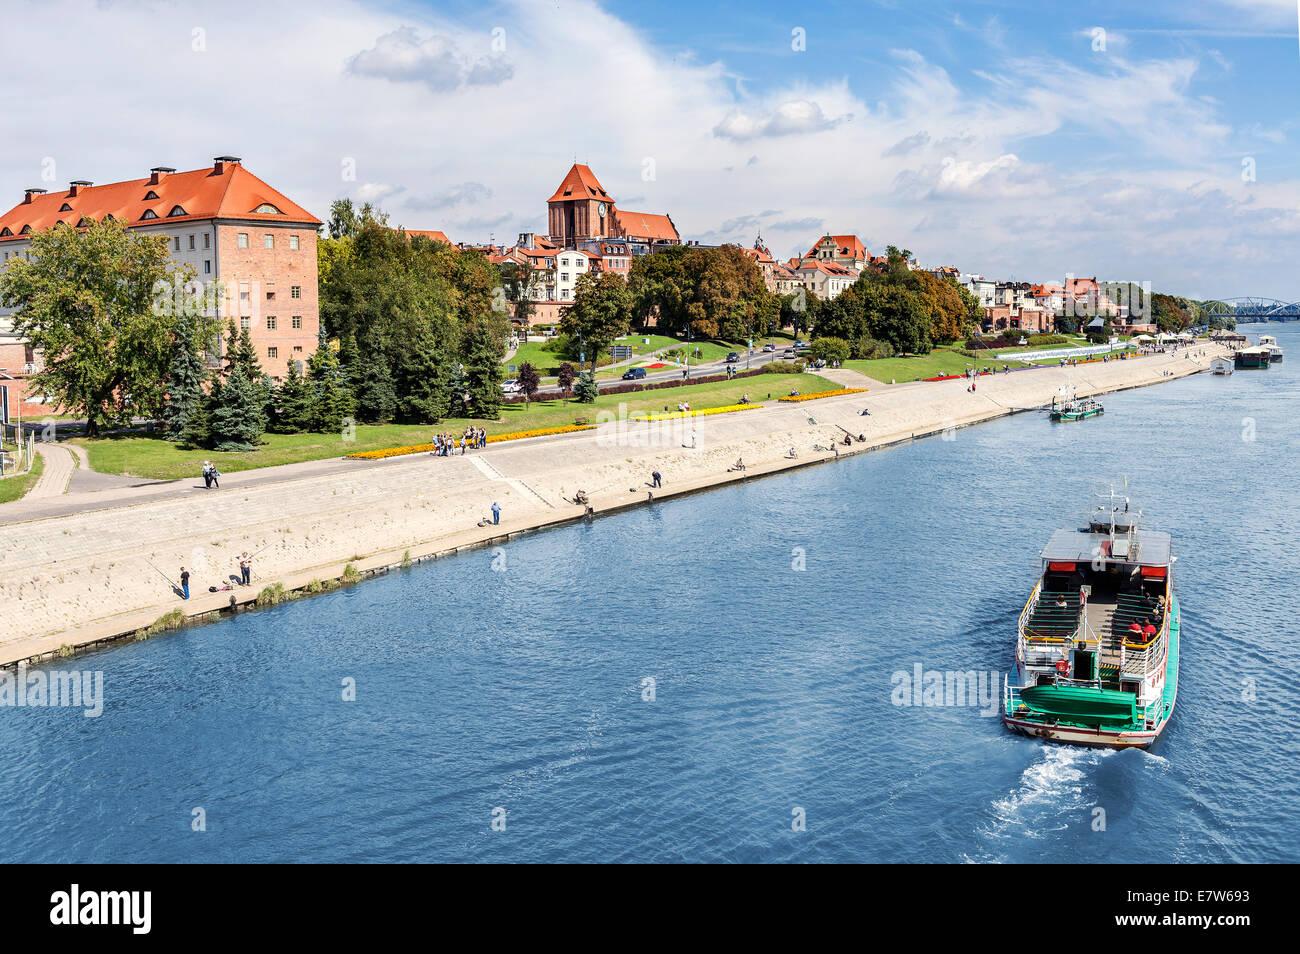 Torun città situata sul fiume Vistola banca, Polonia. Immagini Stock